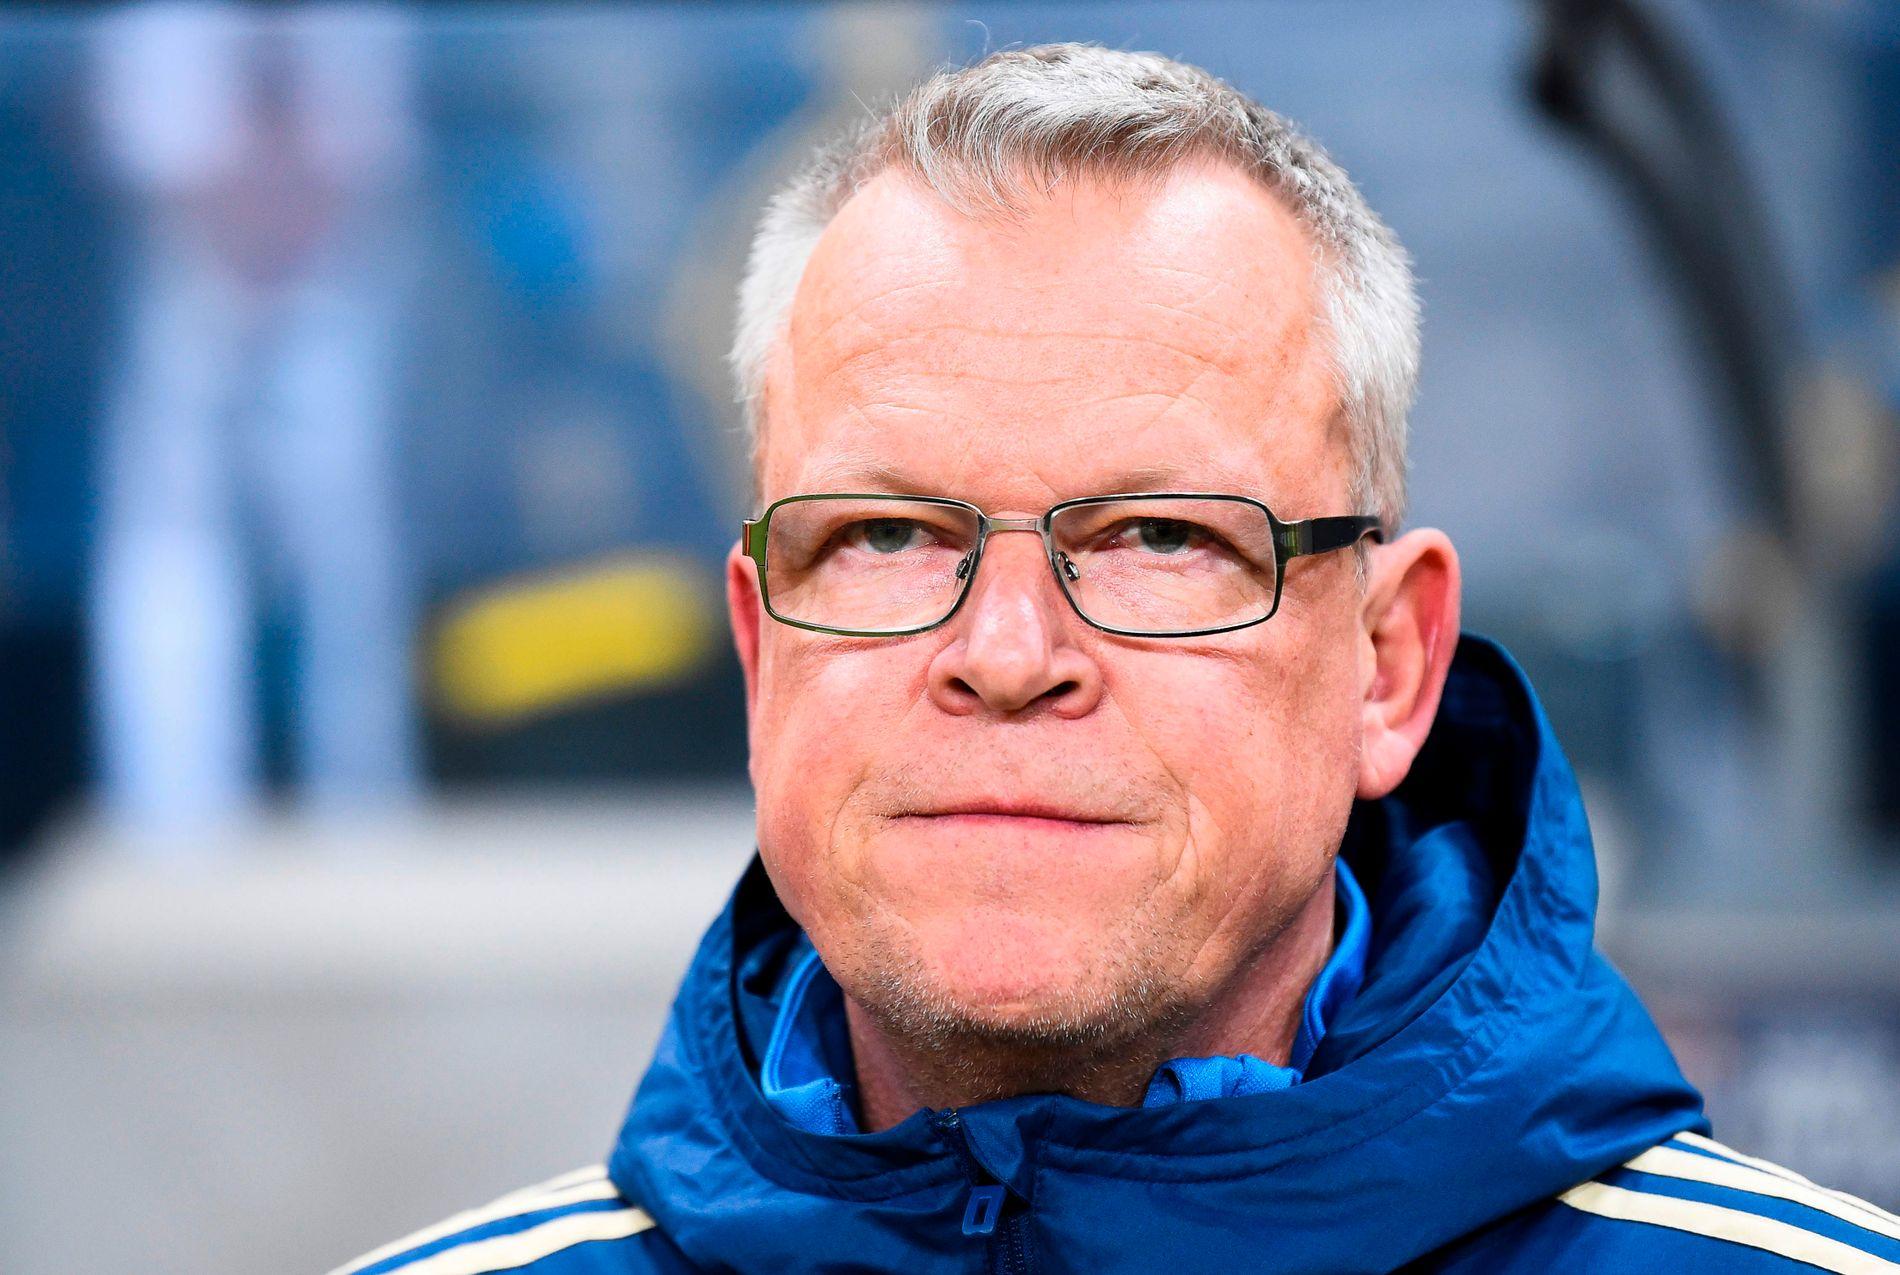 BARE DRØMMER: Landslagssjef Janne Andersson melder selv at han bare tenker på drømmer, ikke mareritt. Men svensk presse er ikke enige.